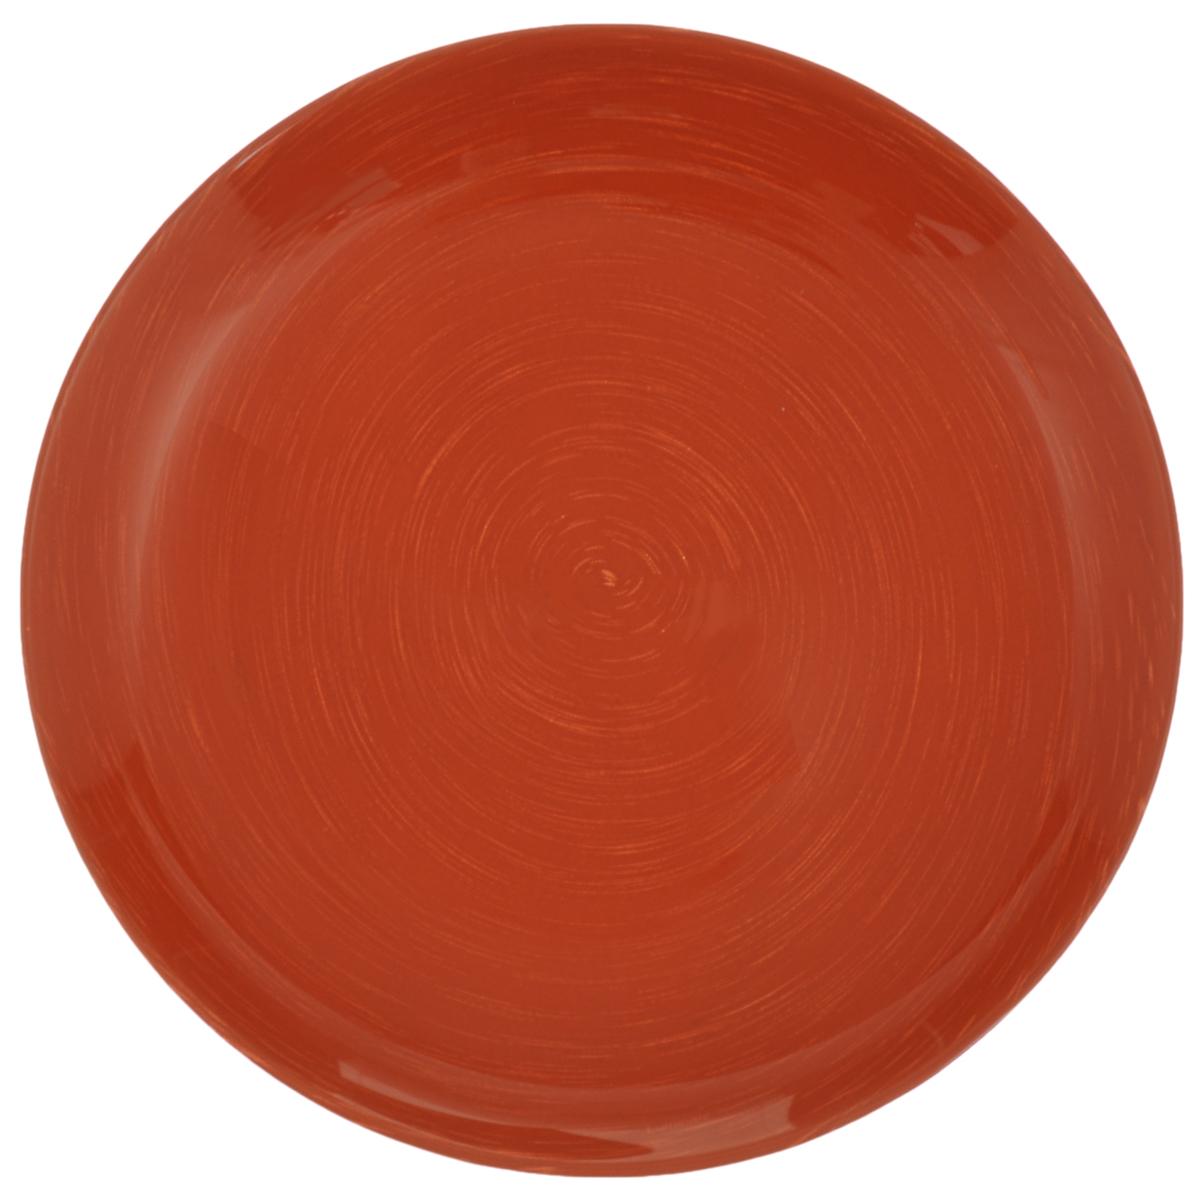 Тарелка десертная Luminarc Stonemania Red, диаметр 20,5 смH3552Десертная тарелка Luminarc Stonemania Red, изготовленная из ударопрочного стекла, имеет изысканный внешний вид. Такая тарелка прекрасно подходит как для торжественных случаев, так и для повседневного использования. Идеальна для подачи десертов, пирожных, тортов и многого другого. Она прекрасно оформит стол и станет отличным дополнением к вашей коллекции кухонной посуды. Диаметр тарелки (по верхнему краю): 20,5 см.